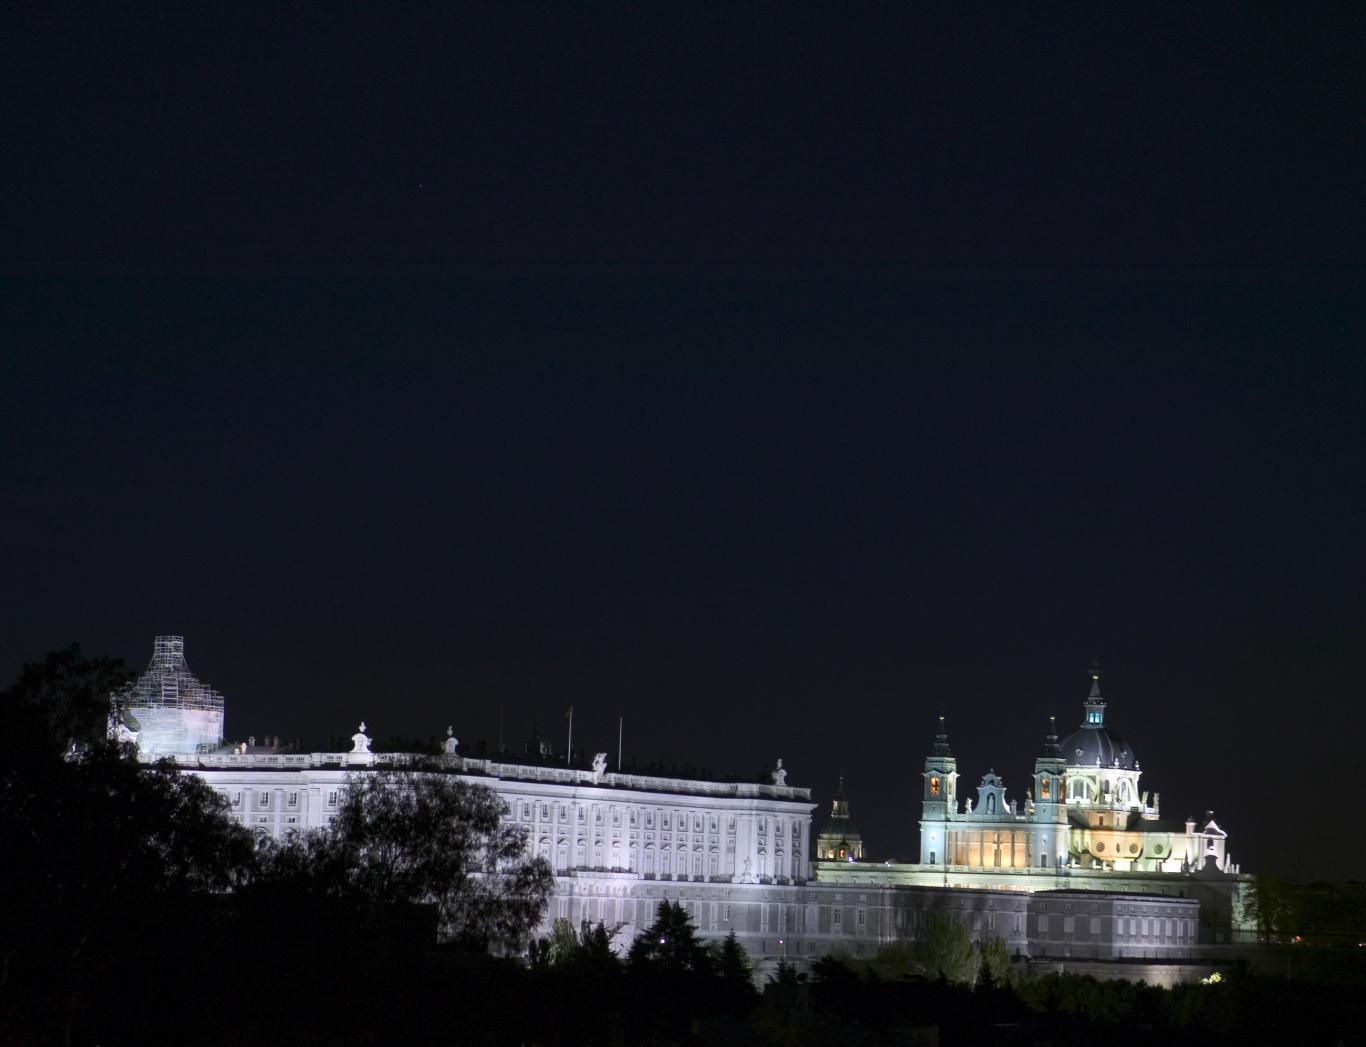 Noche en el Palacio Real de Madrid